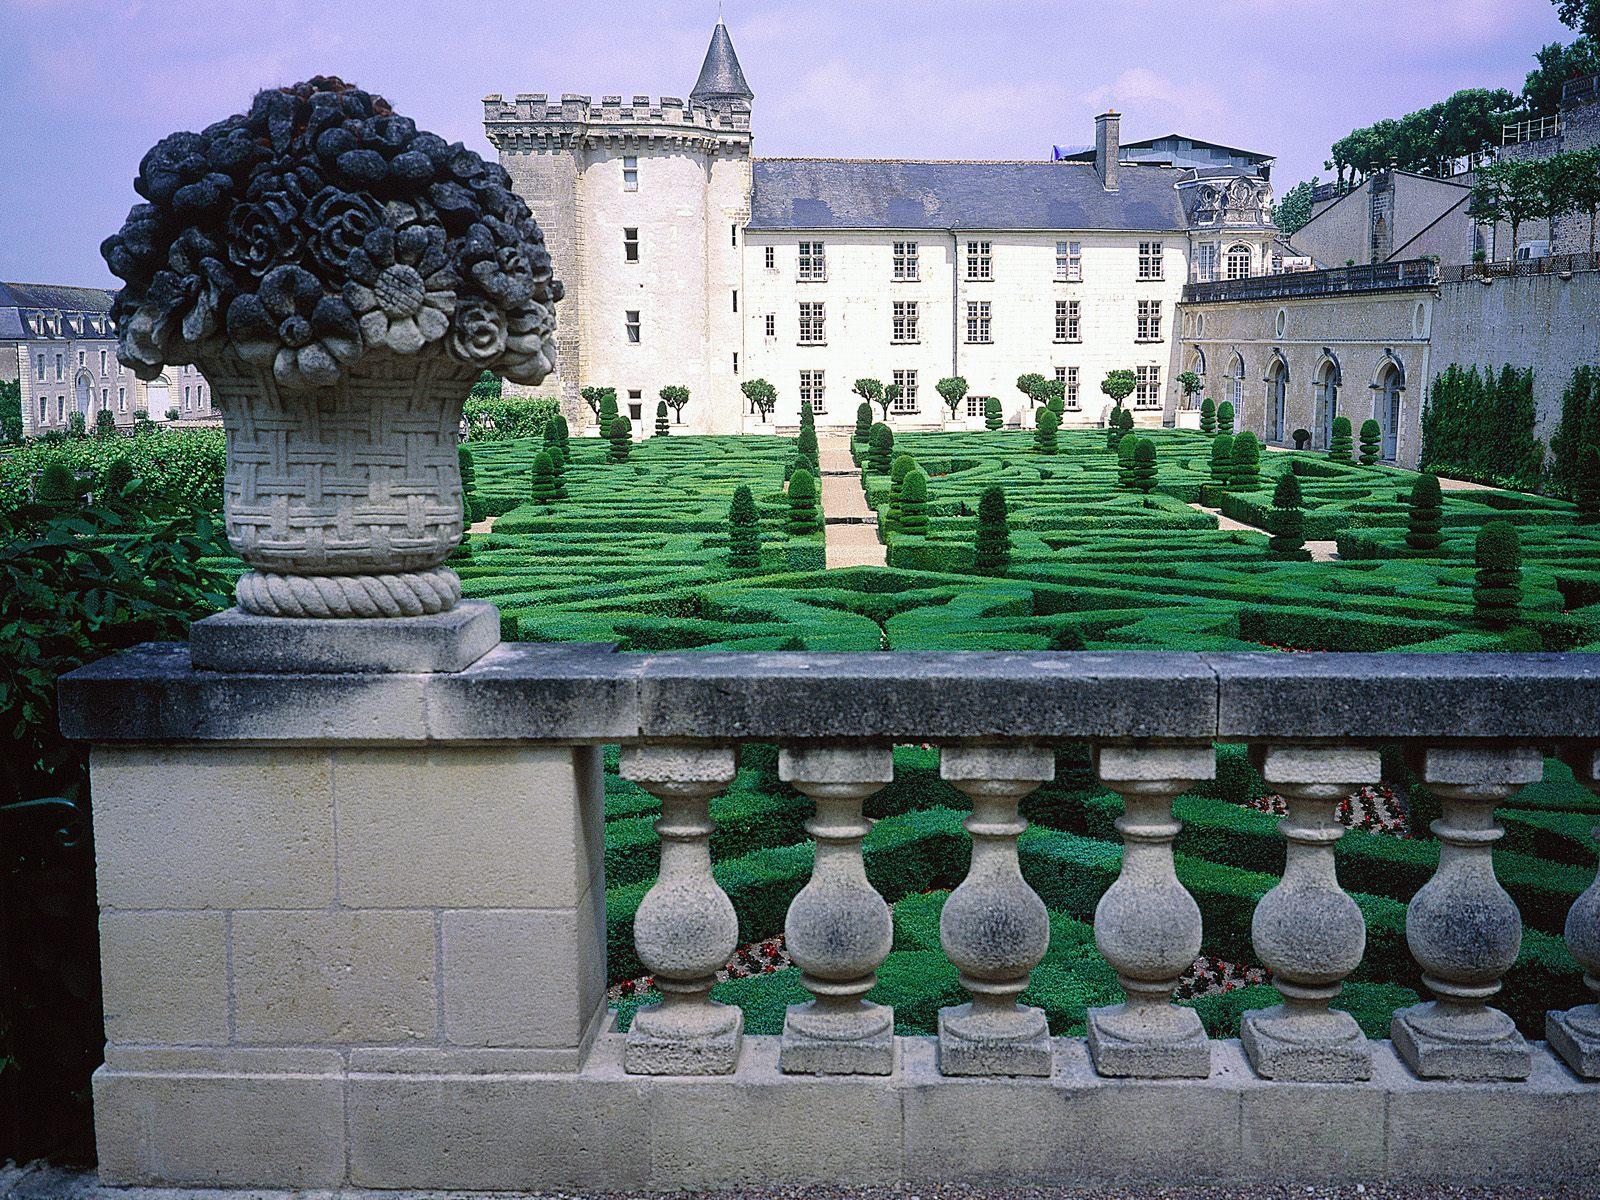 chateau de villandry 1600 x 1200 picture chateau de. Black Bedroom Furniture Sets. Home Design Ideas